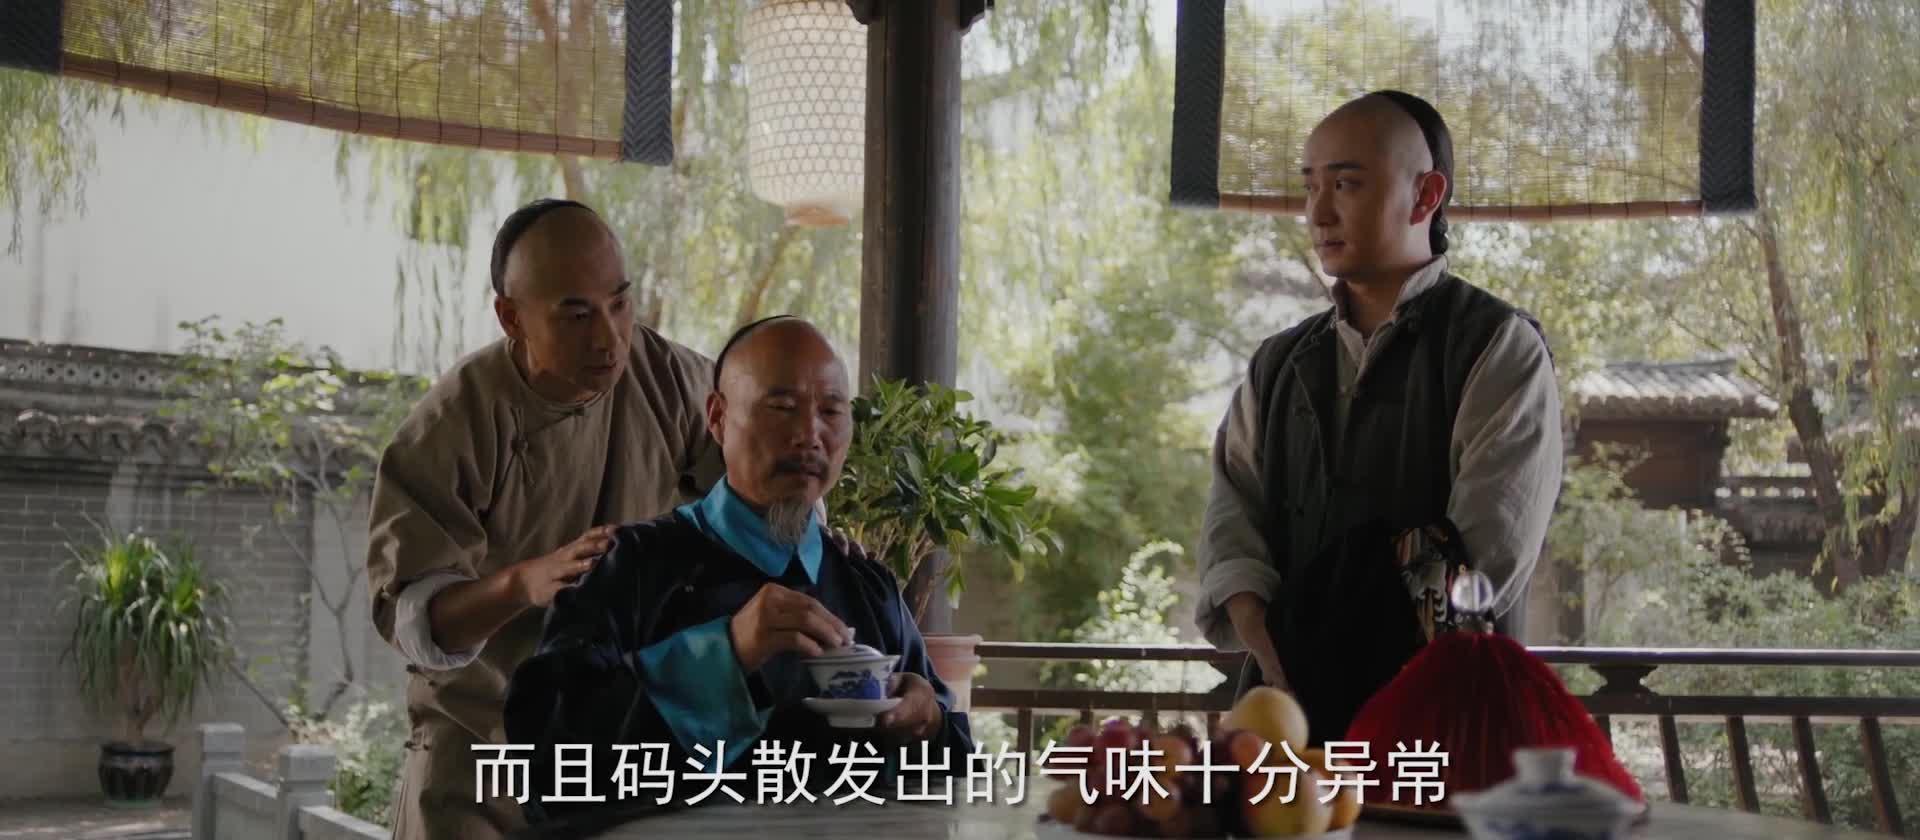 官老爷和黄飞鸿讨论病情,讨论大火原因。